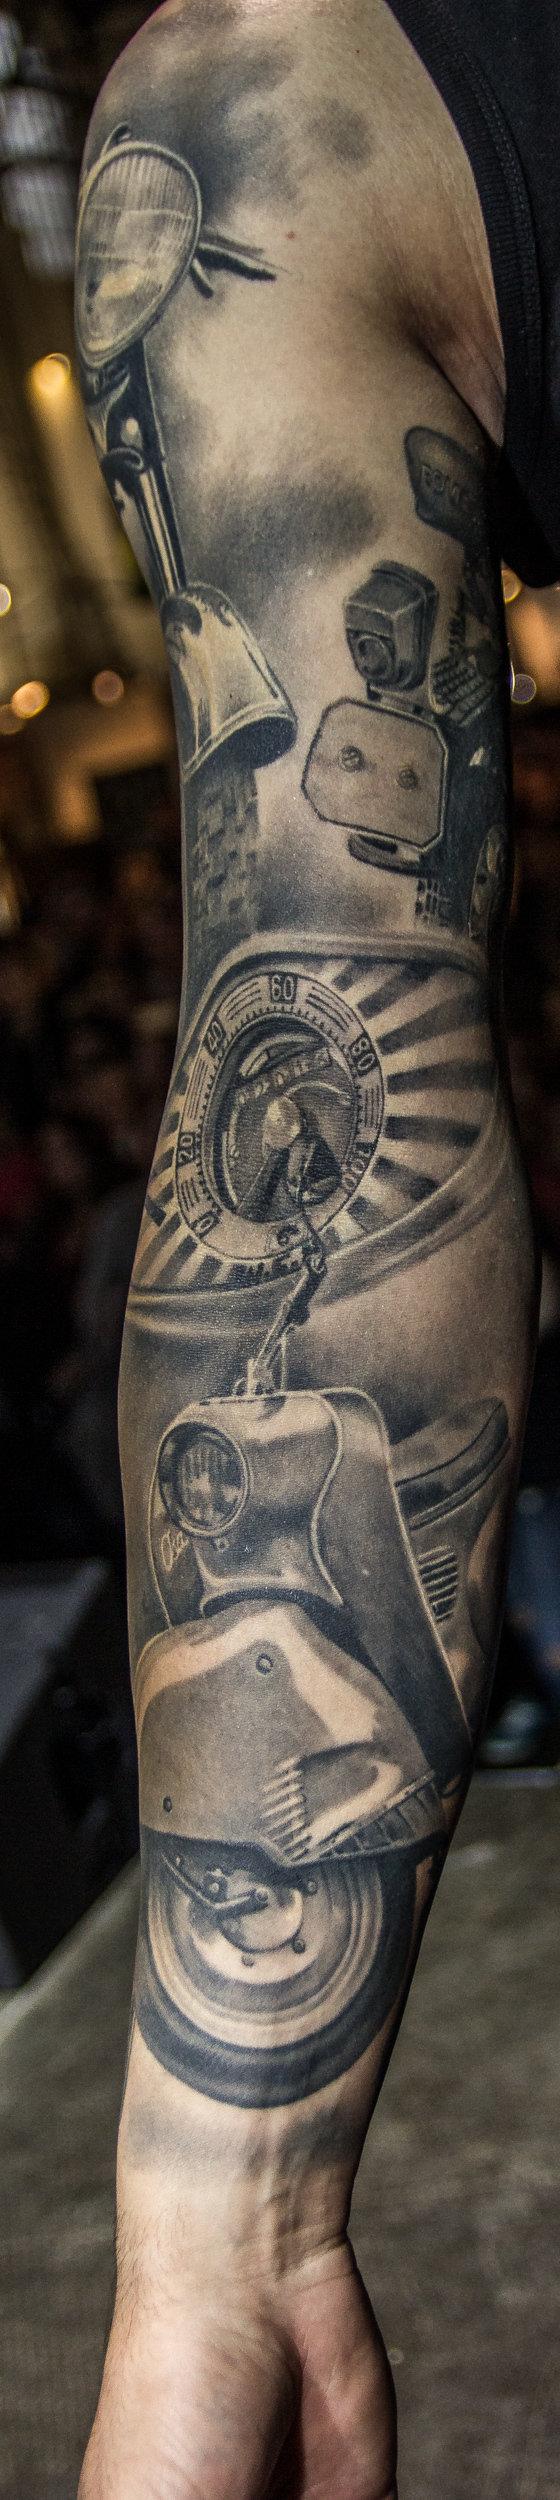 2_miejsce_Najlepszy tatuaż – realistyczny_portret(2).jpg